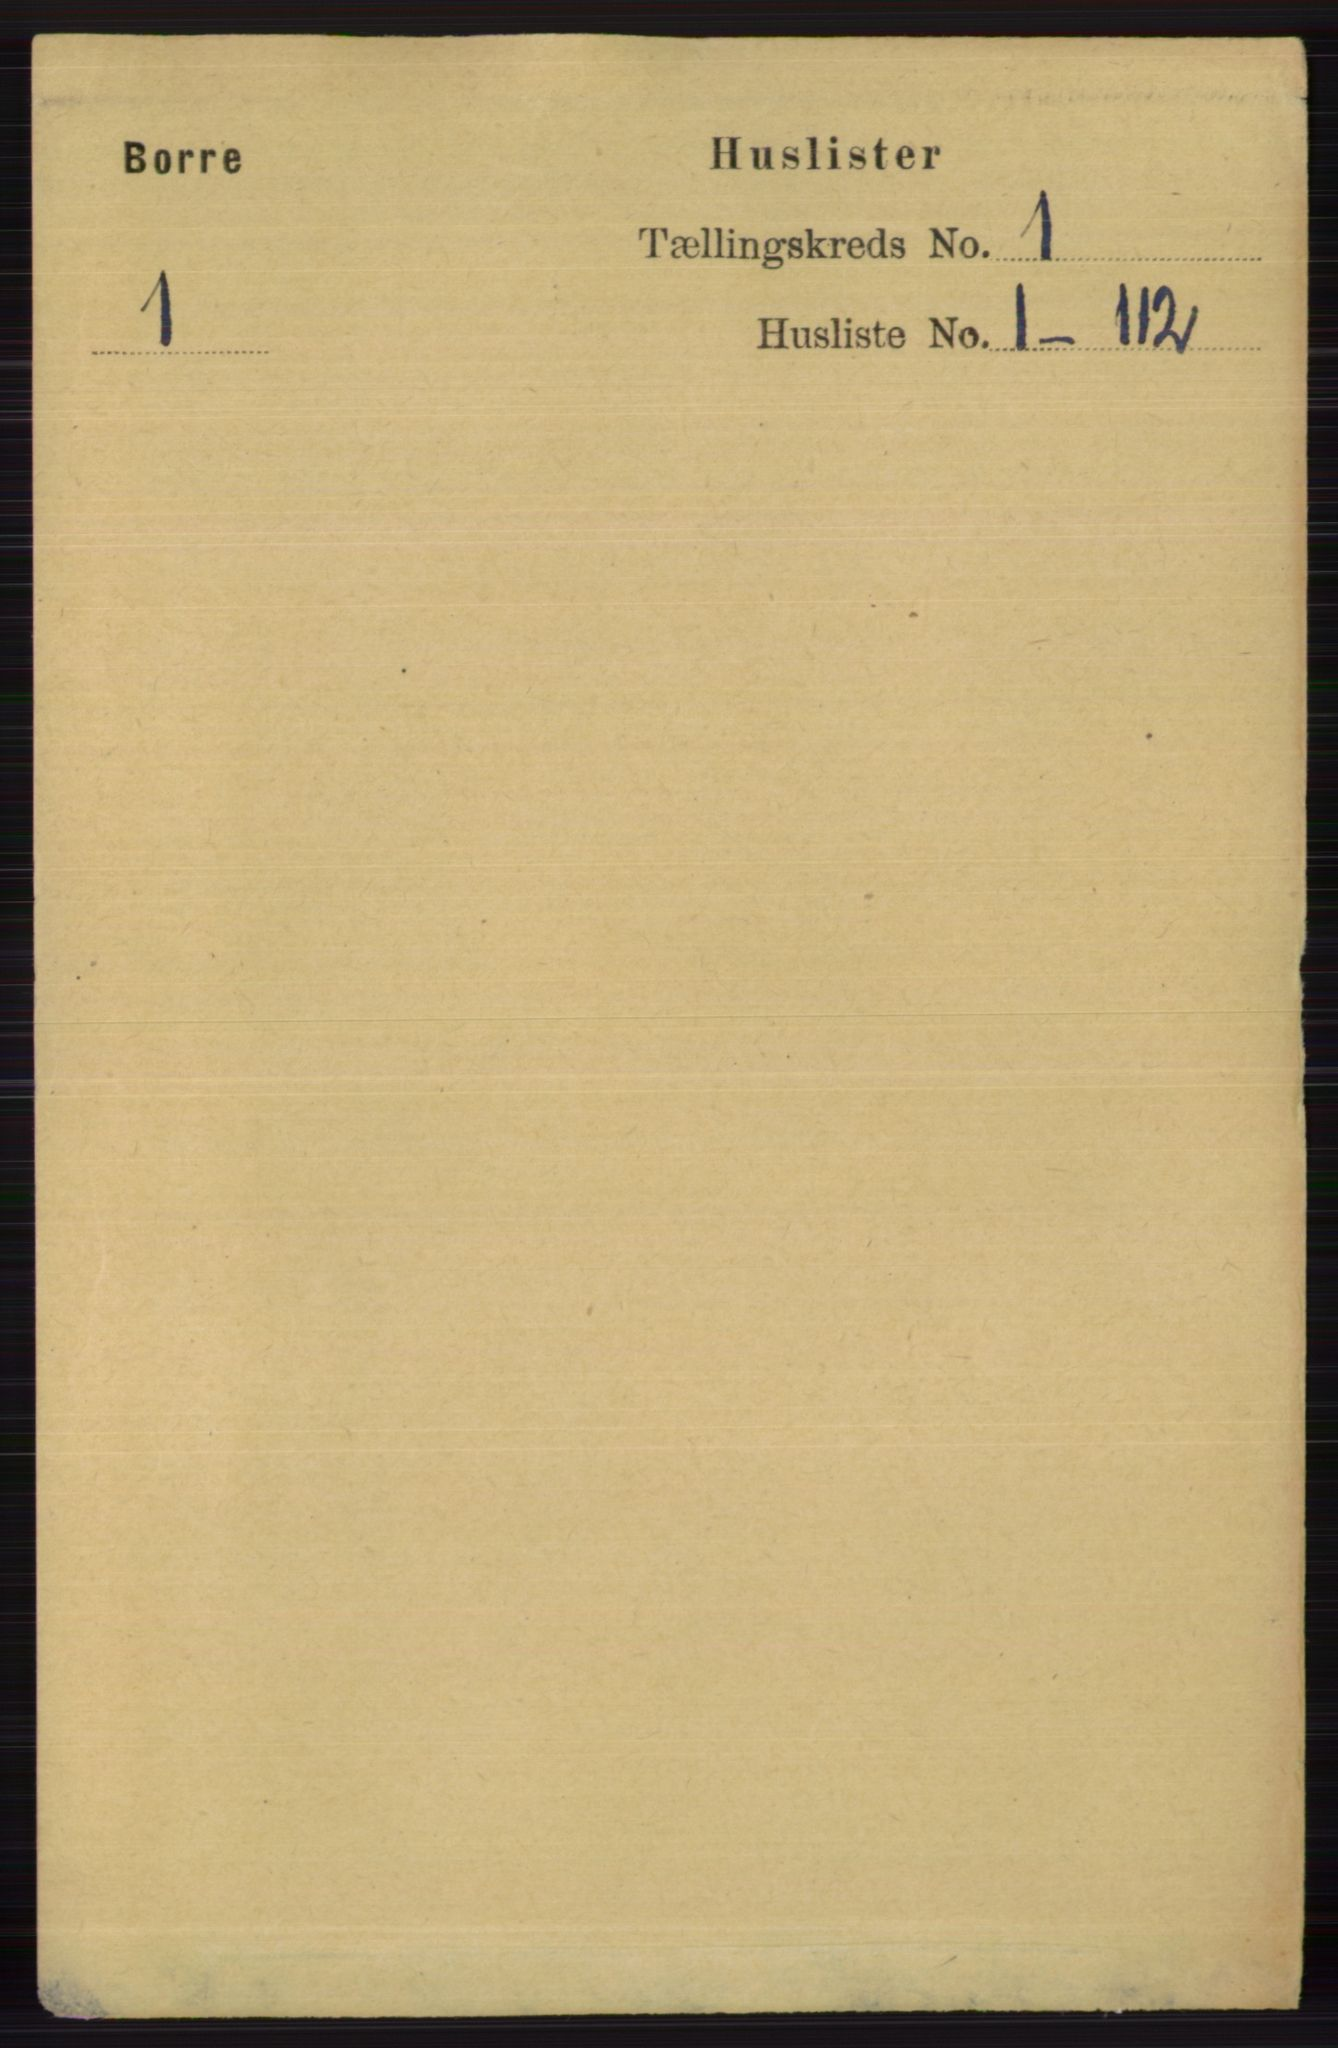 RA, Folketelling 1891 for 0717 Borre herred, 1891, s. 24